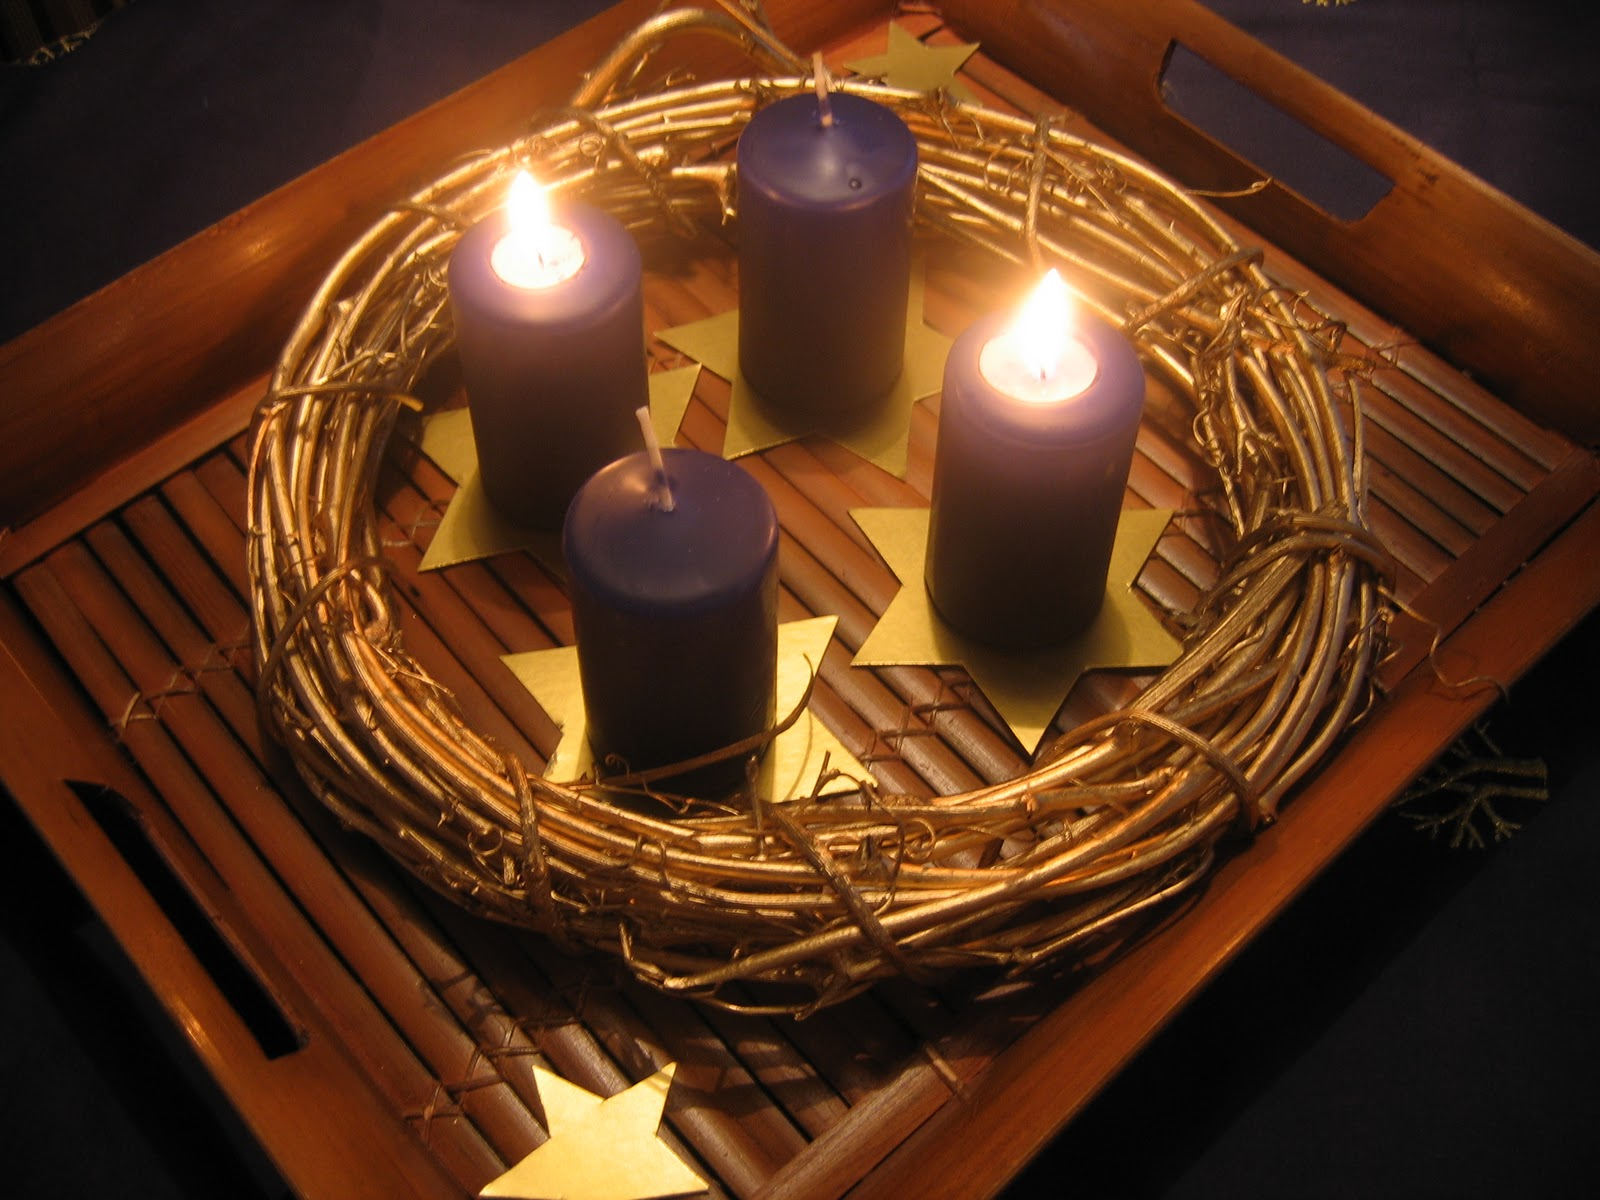 dventi versek adventi k pek advent harmadik vas rnapja. Black Bedroom Furniture Sets. Home Design Ideas